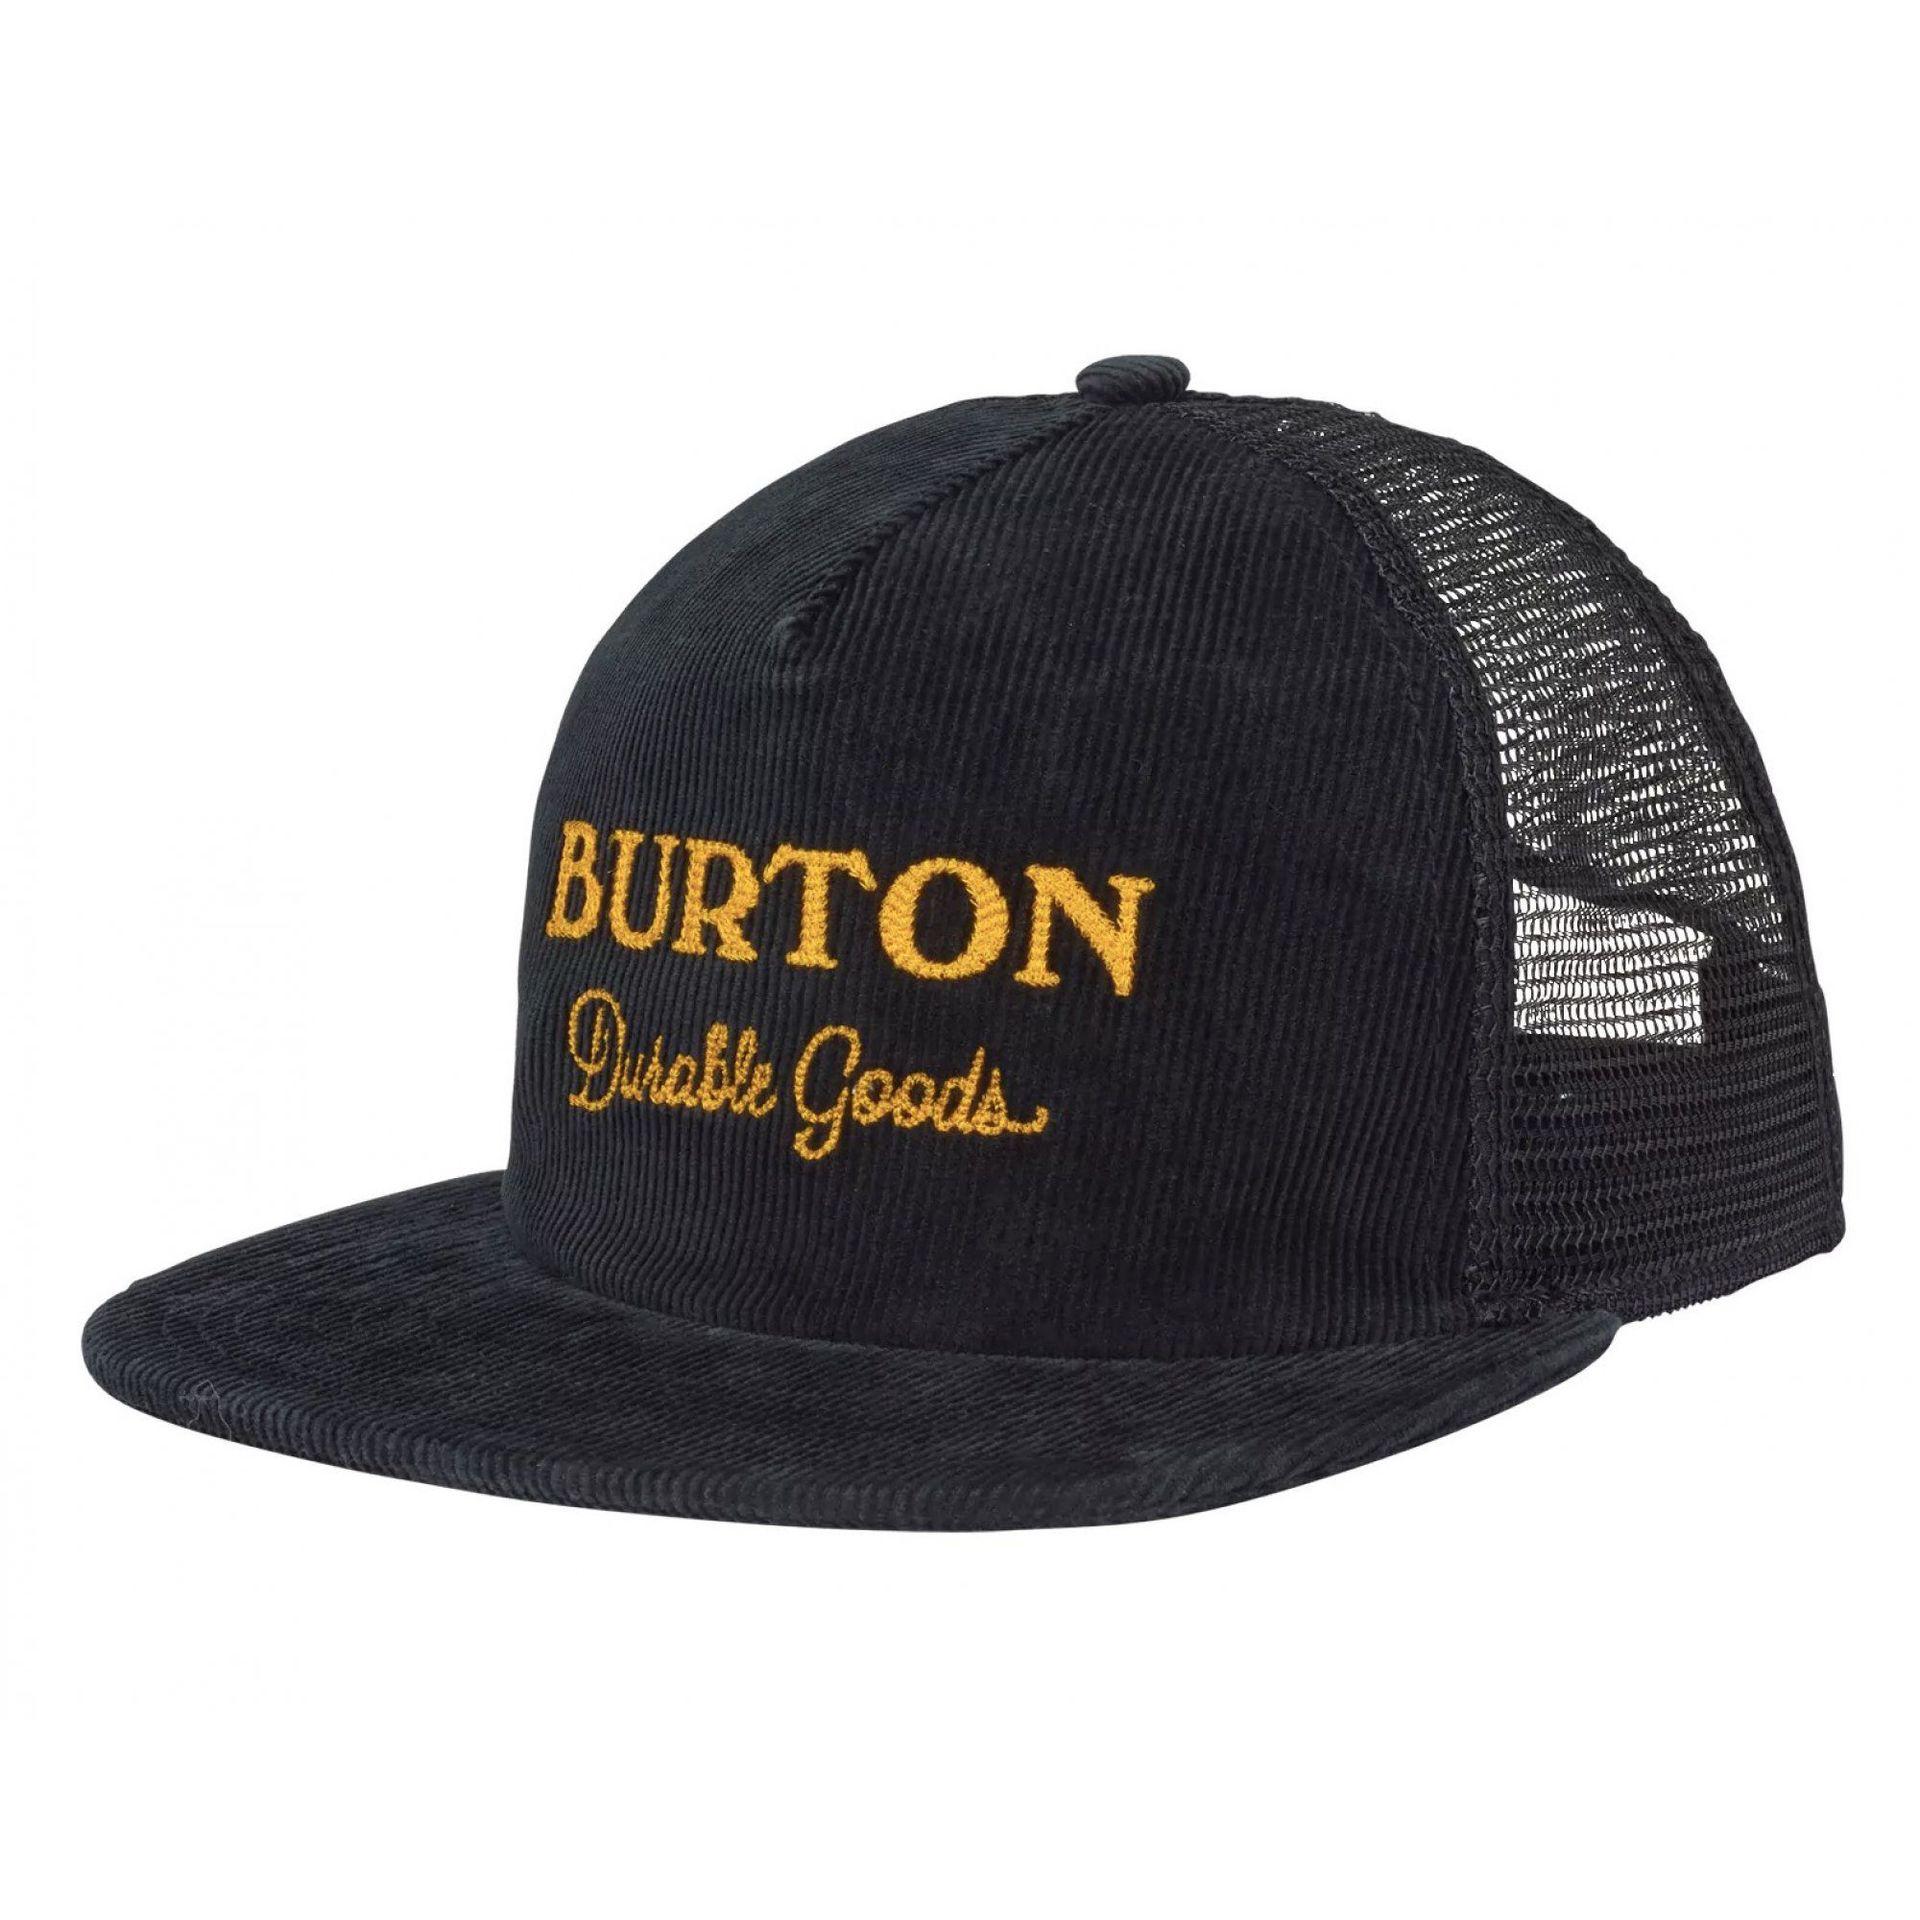 CZAPKA Z DASZKIEM BURTON DURABLE GOODS TRUE BLACK